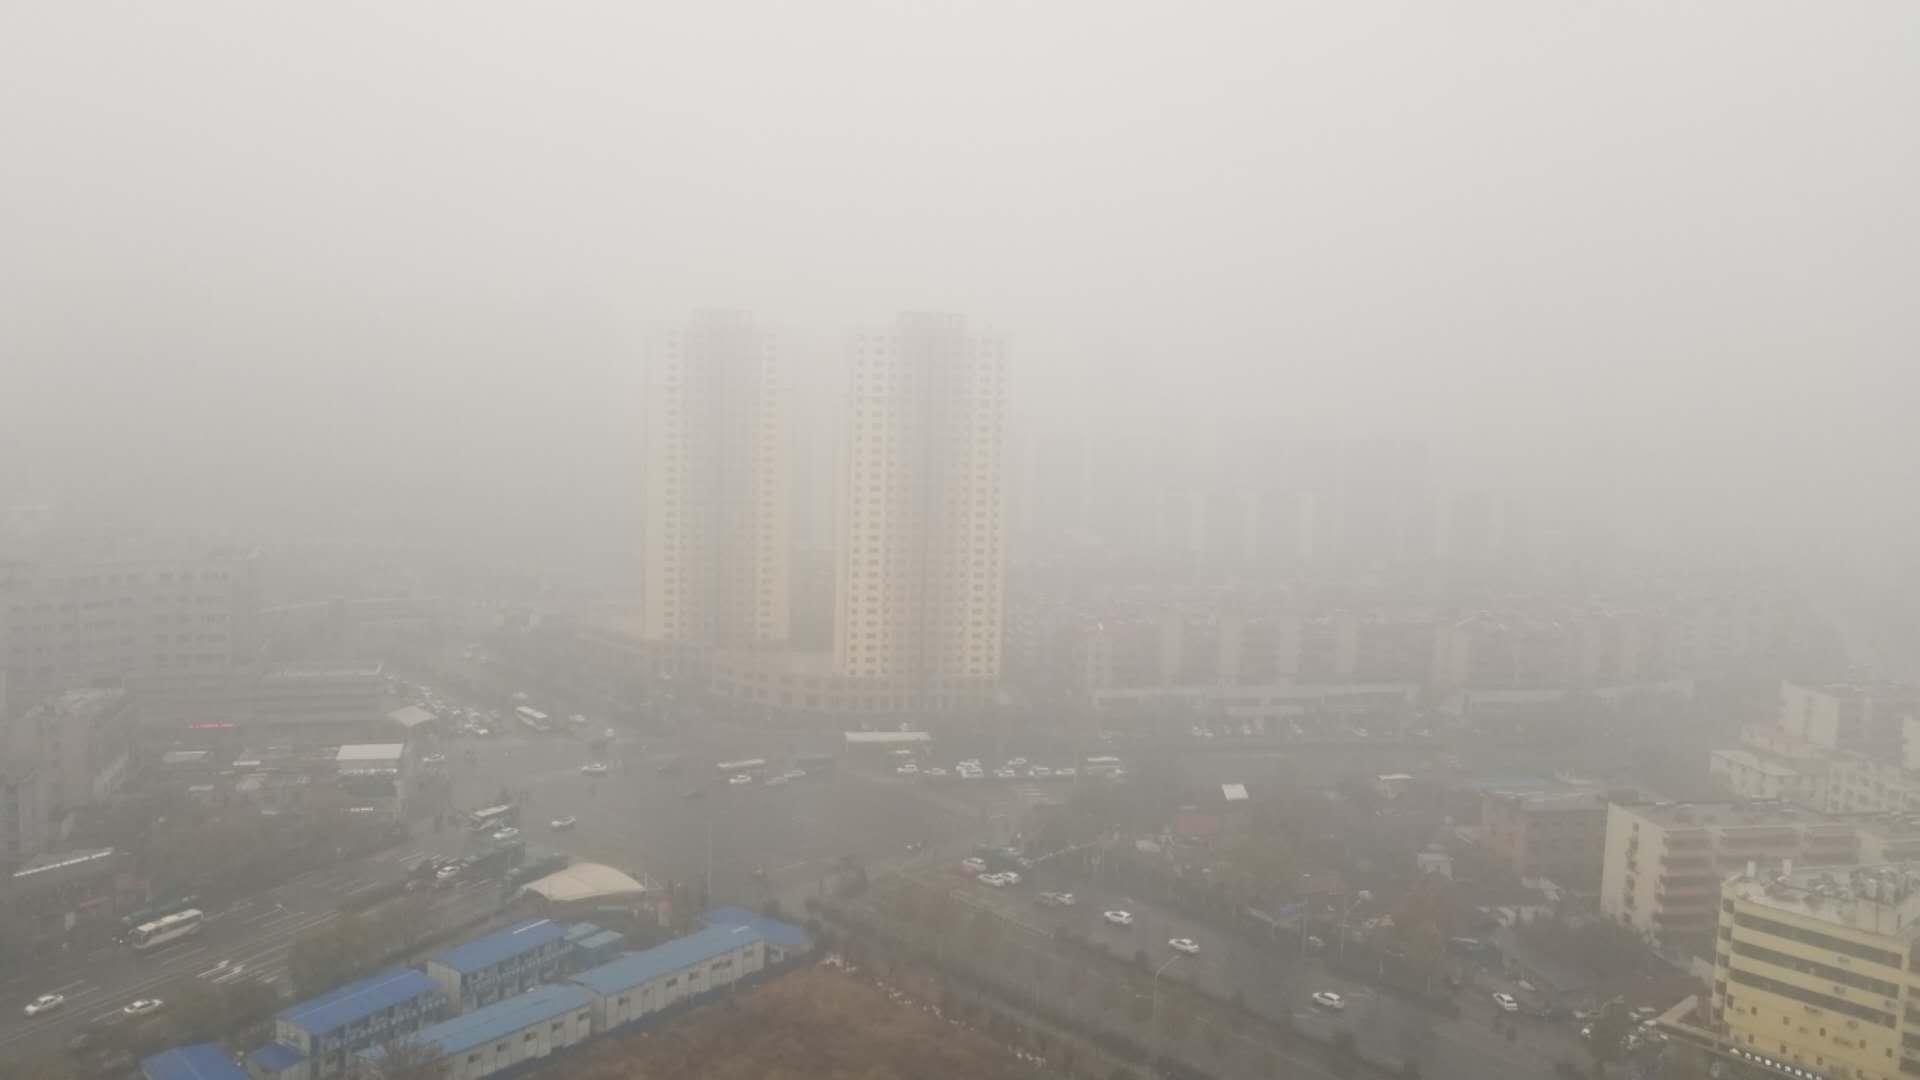 海丽气象吧|山东多地发布大雾预警 3-4日迎来雨雪天